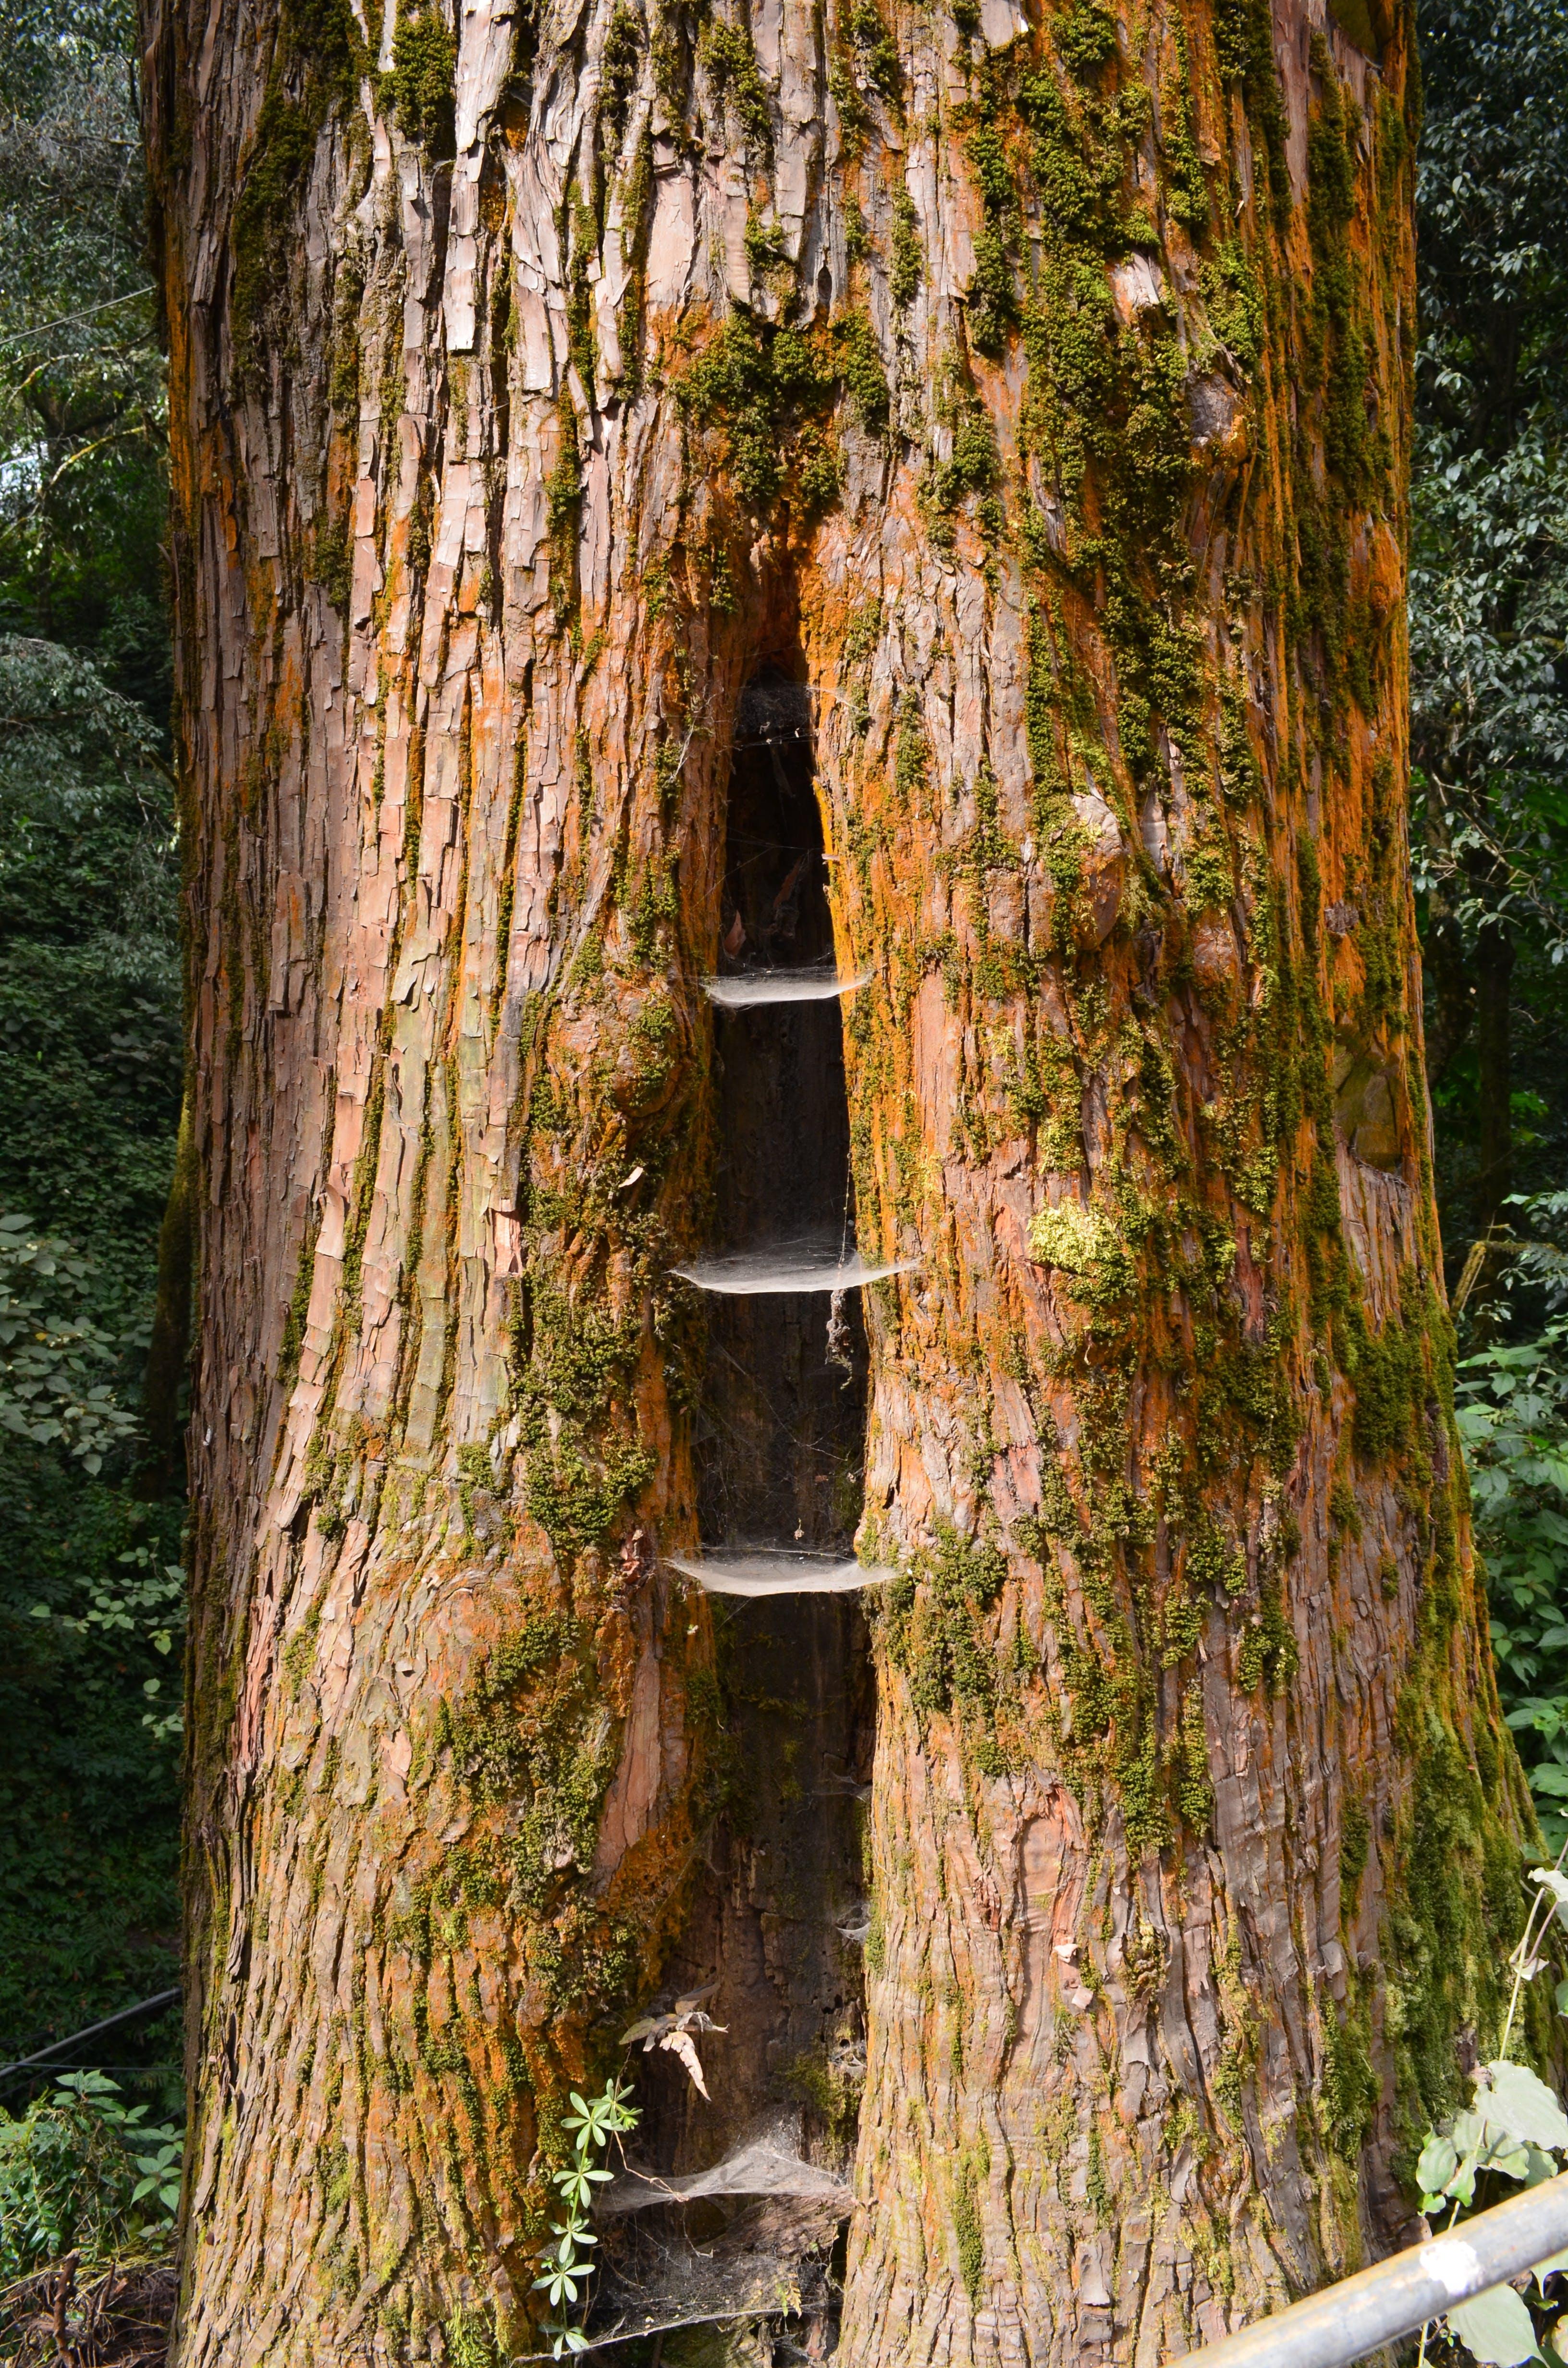 Free stock photo of tree, tree bark